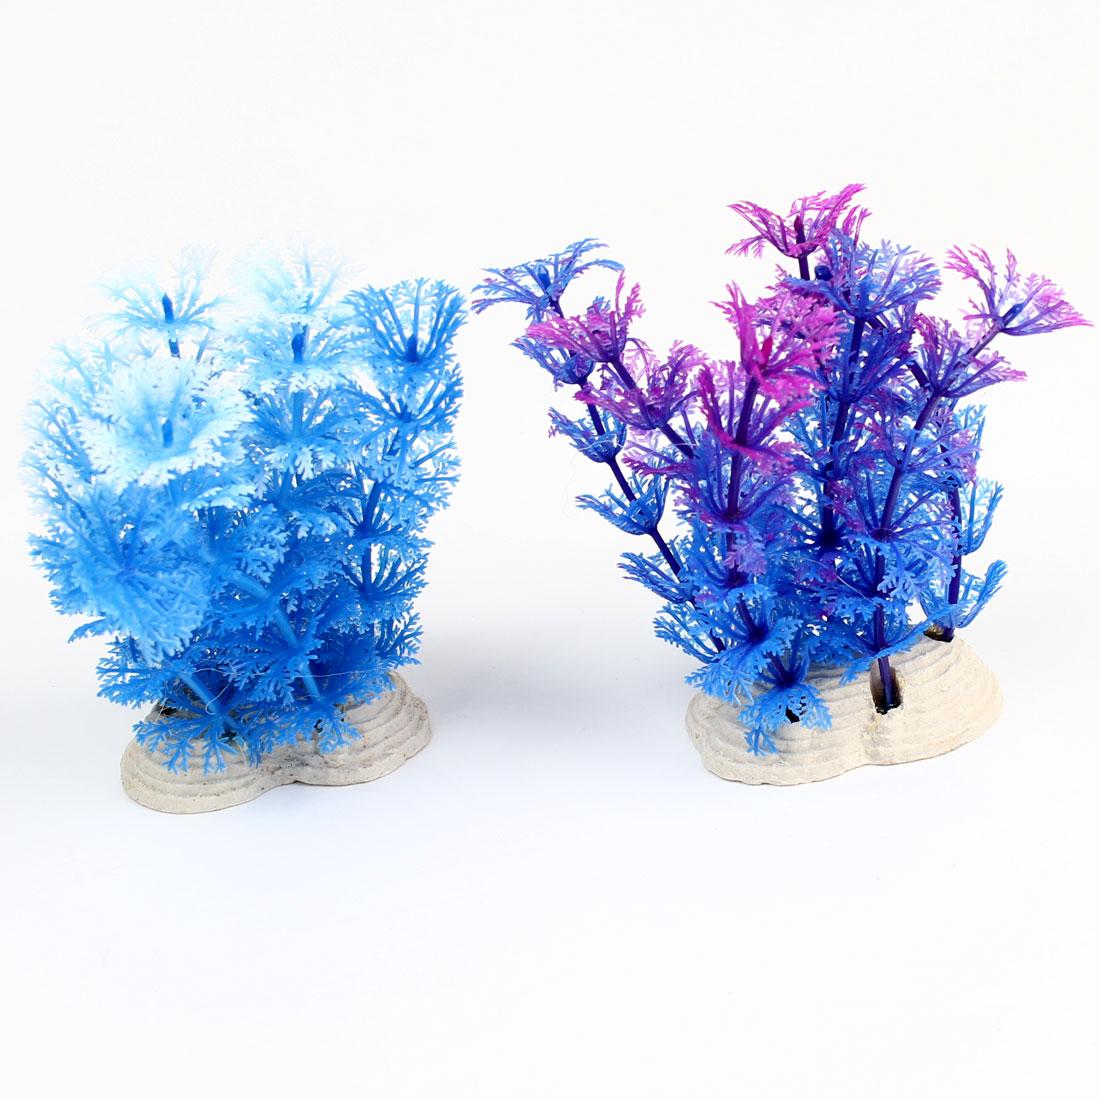 2Pcs Aquarium Fishbowl Ornament Purple Blue White Plastic Underwater Plant 12cm Height